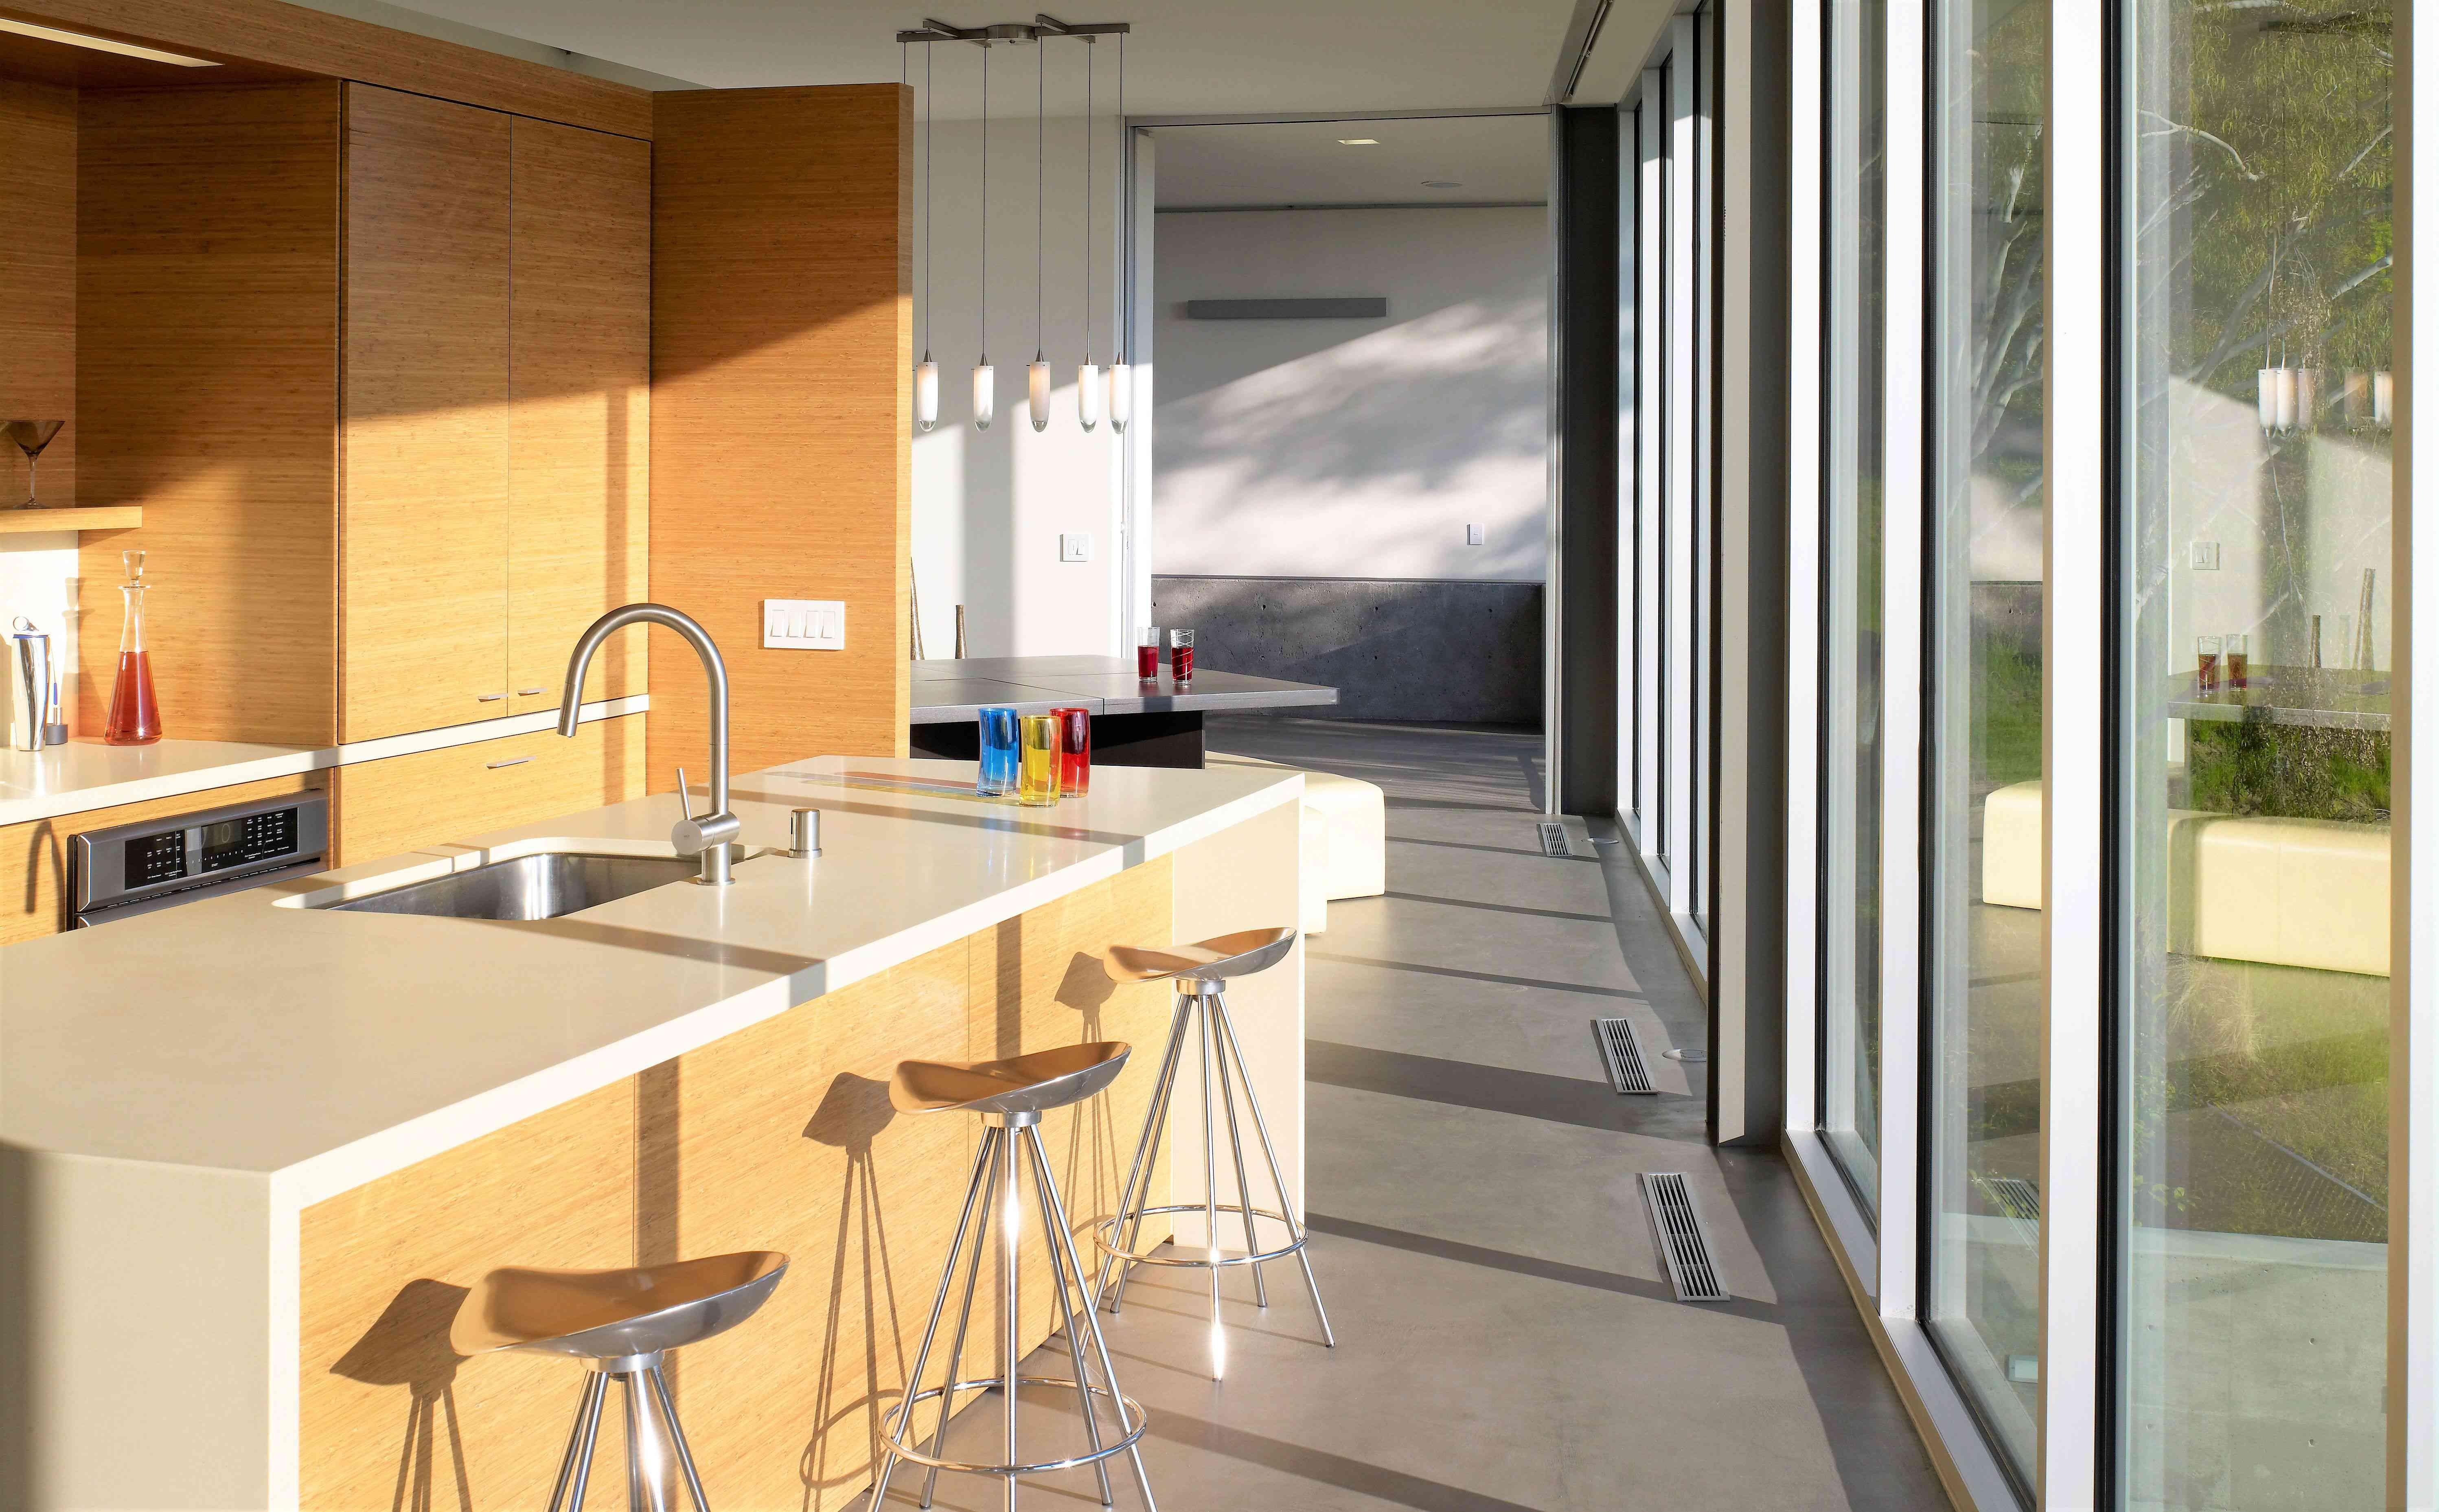 concrete floor in a kitchen